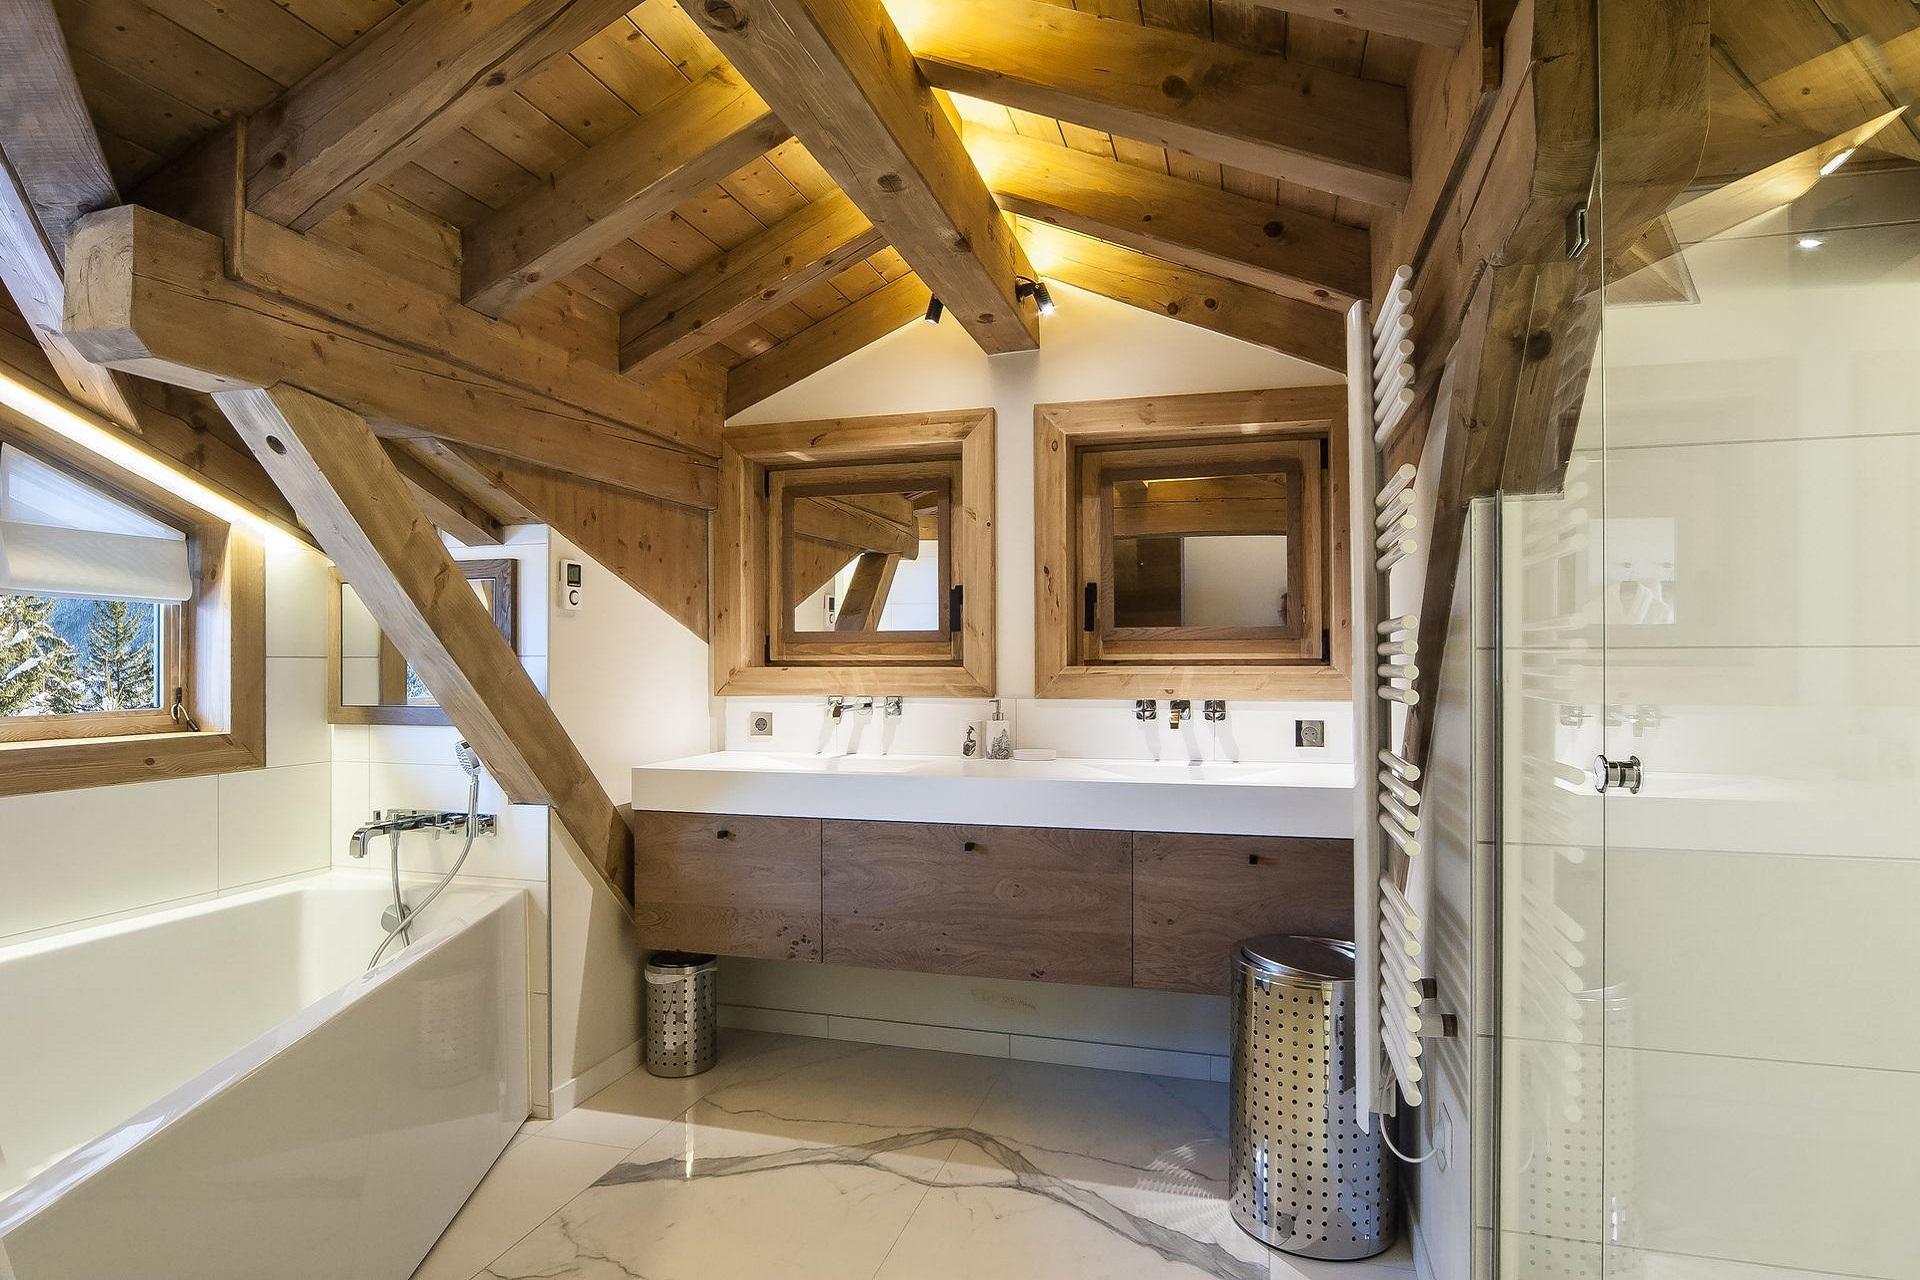 le-1550-iconic-house-courchevel-chambres2-neige-montagne-seminaires-de-caractere